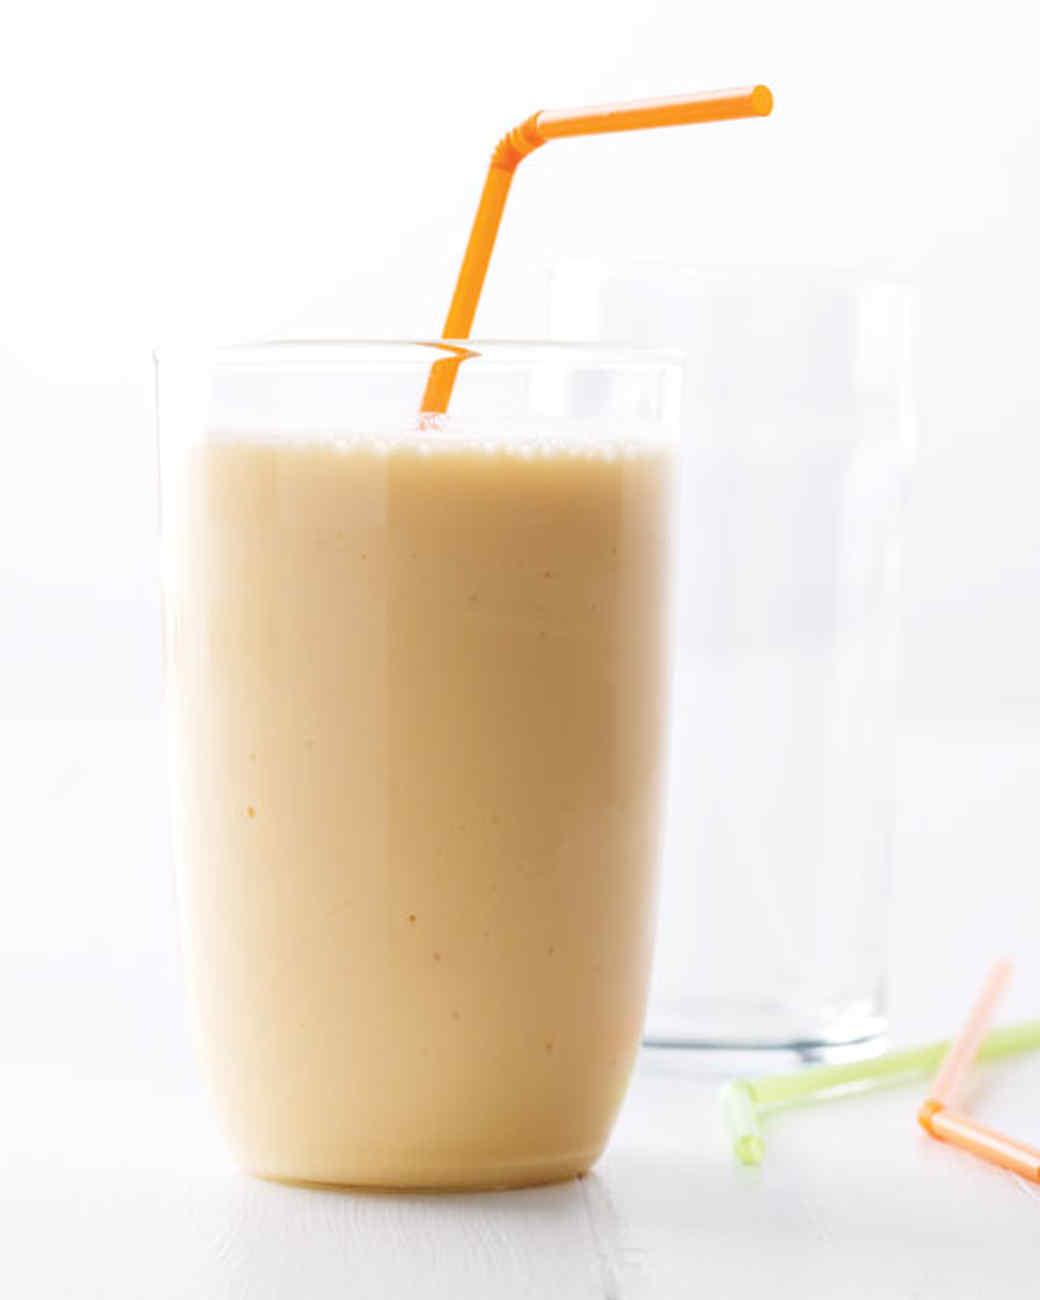 Nectarine-Yogurt Smoothie